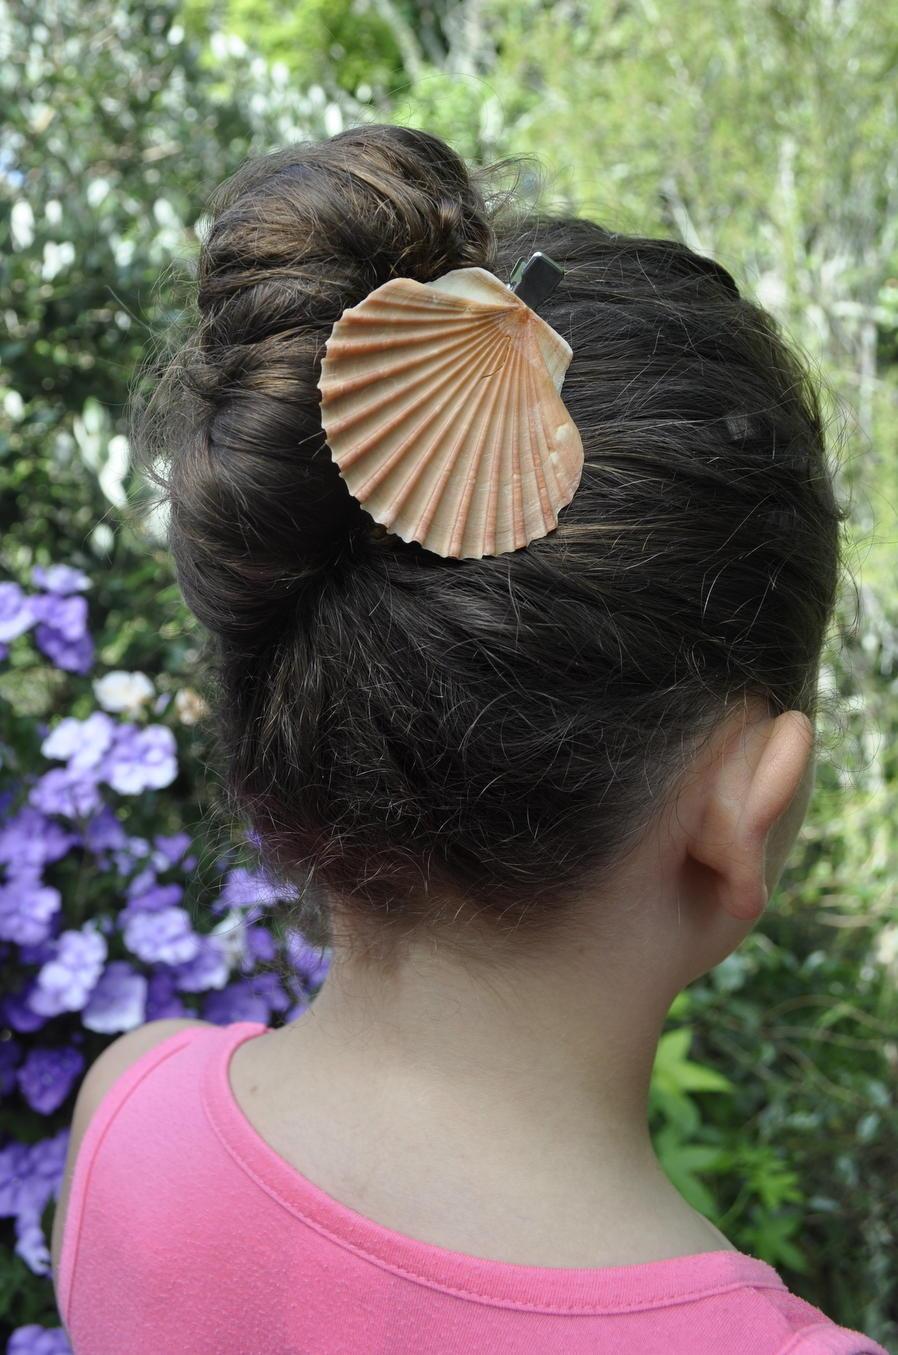 Mermaid Inspired Diy Hair Accessories Allfreekidscrafts Com